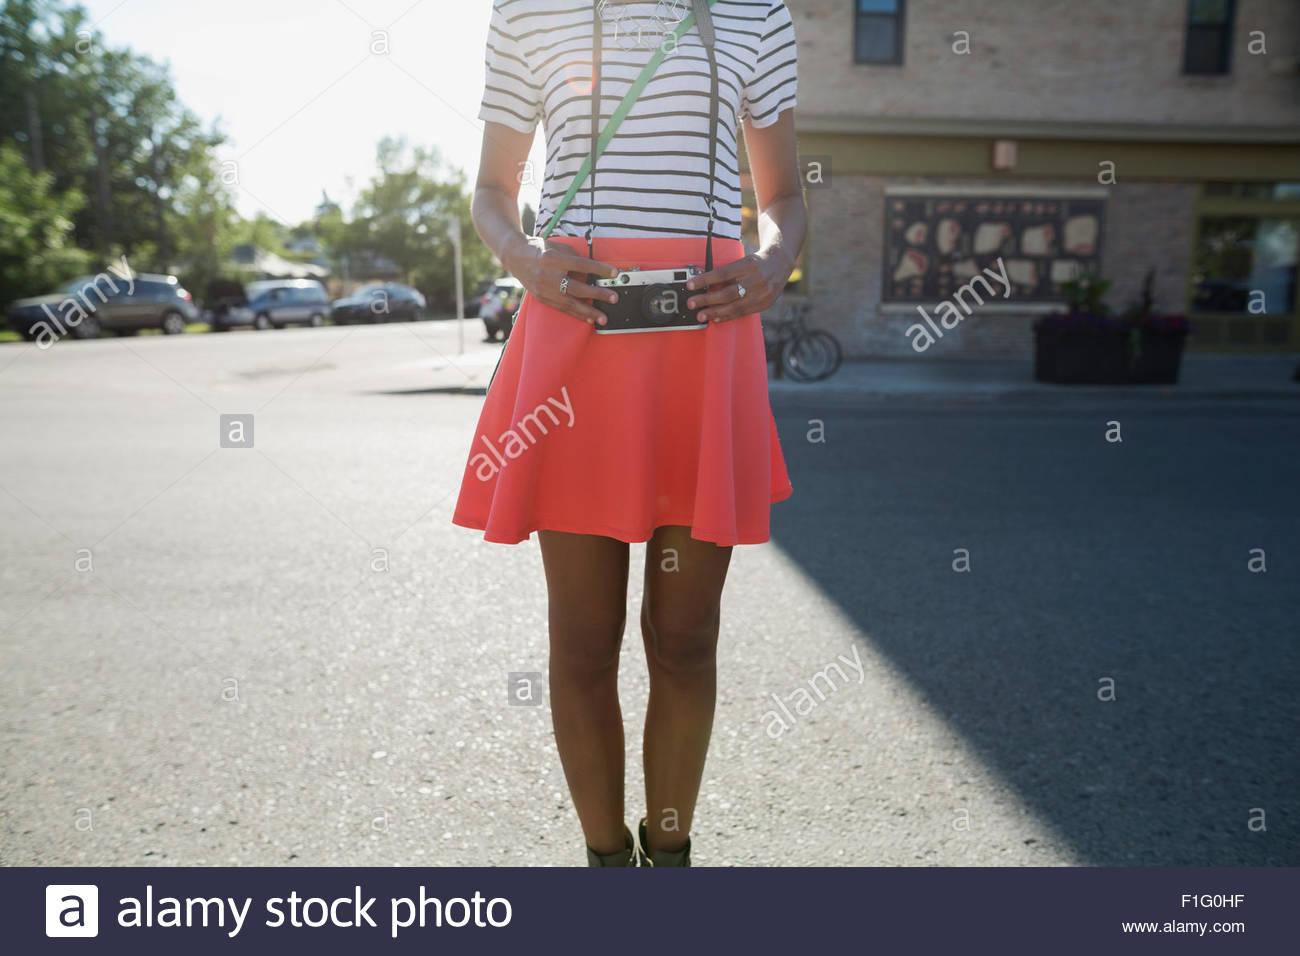 Portrait femme en jupe avec appareil photo rétro Photo Stock